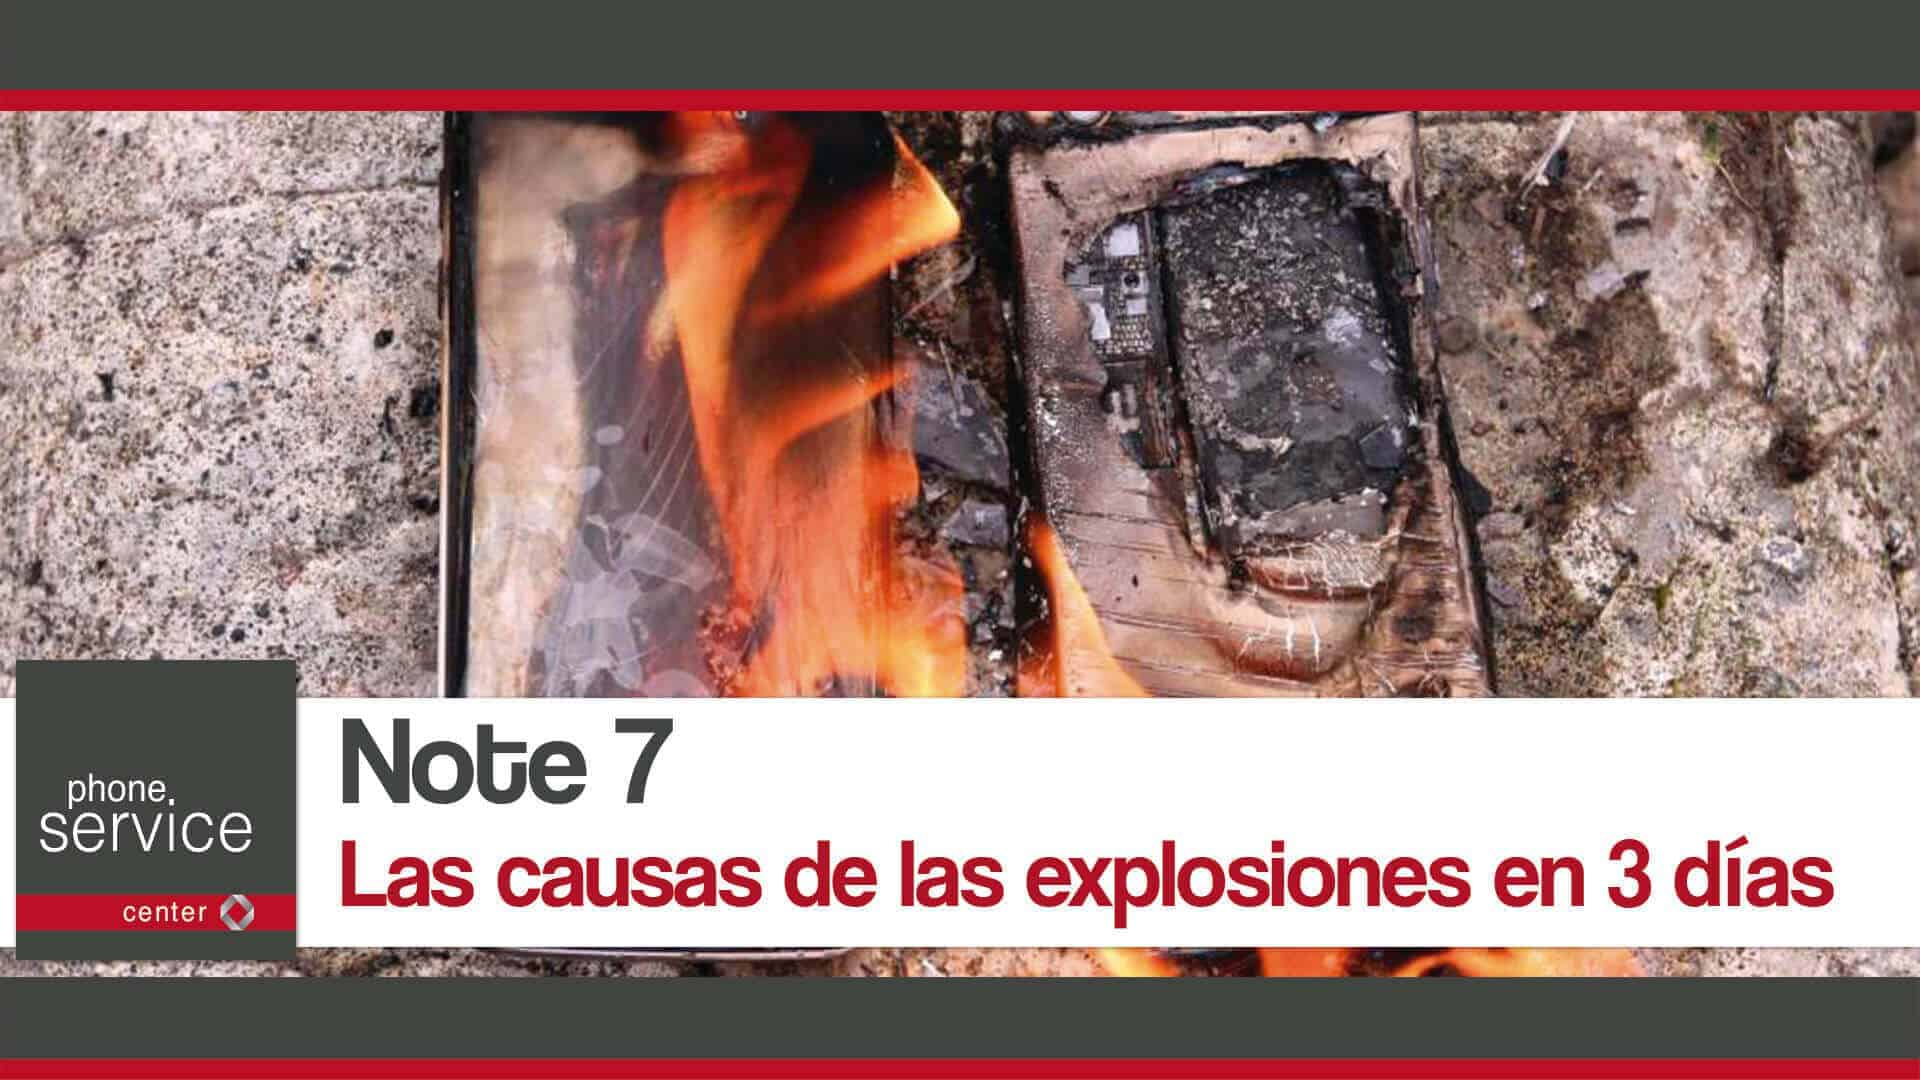 Note 7 causas de las explosiones